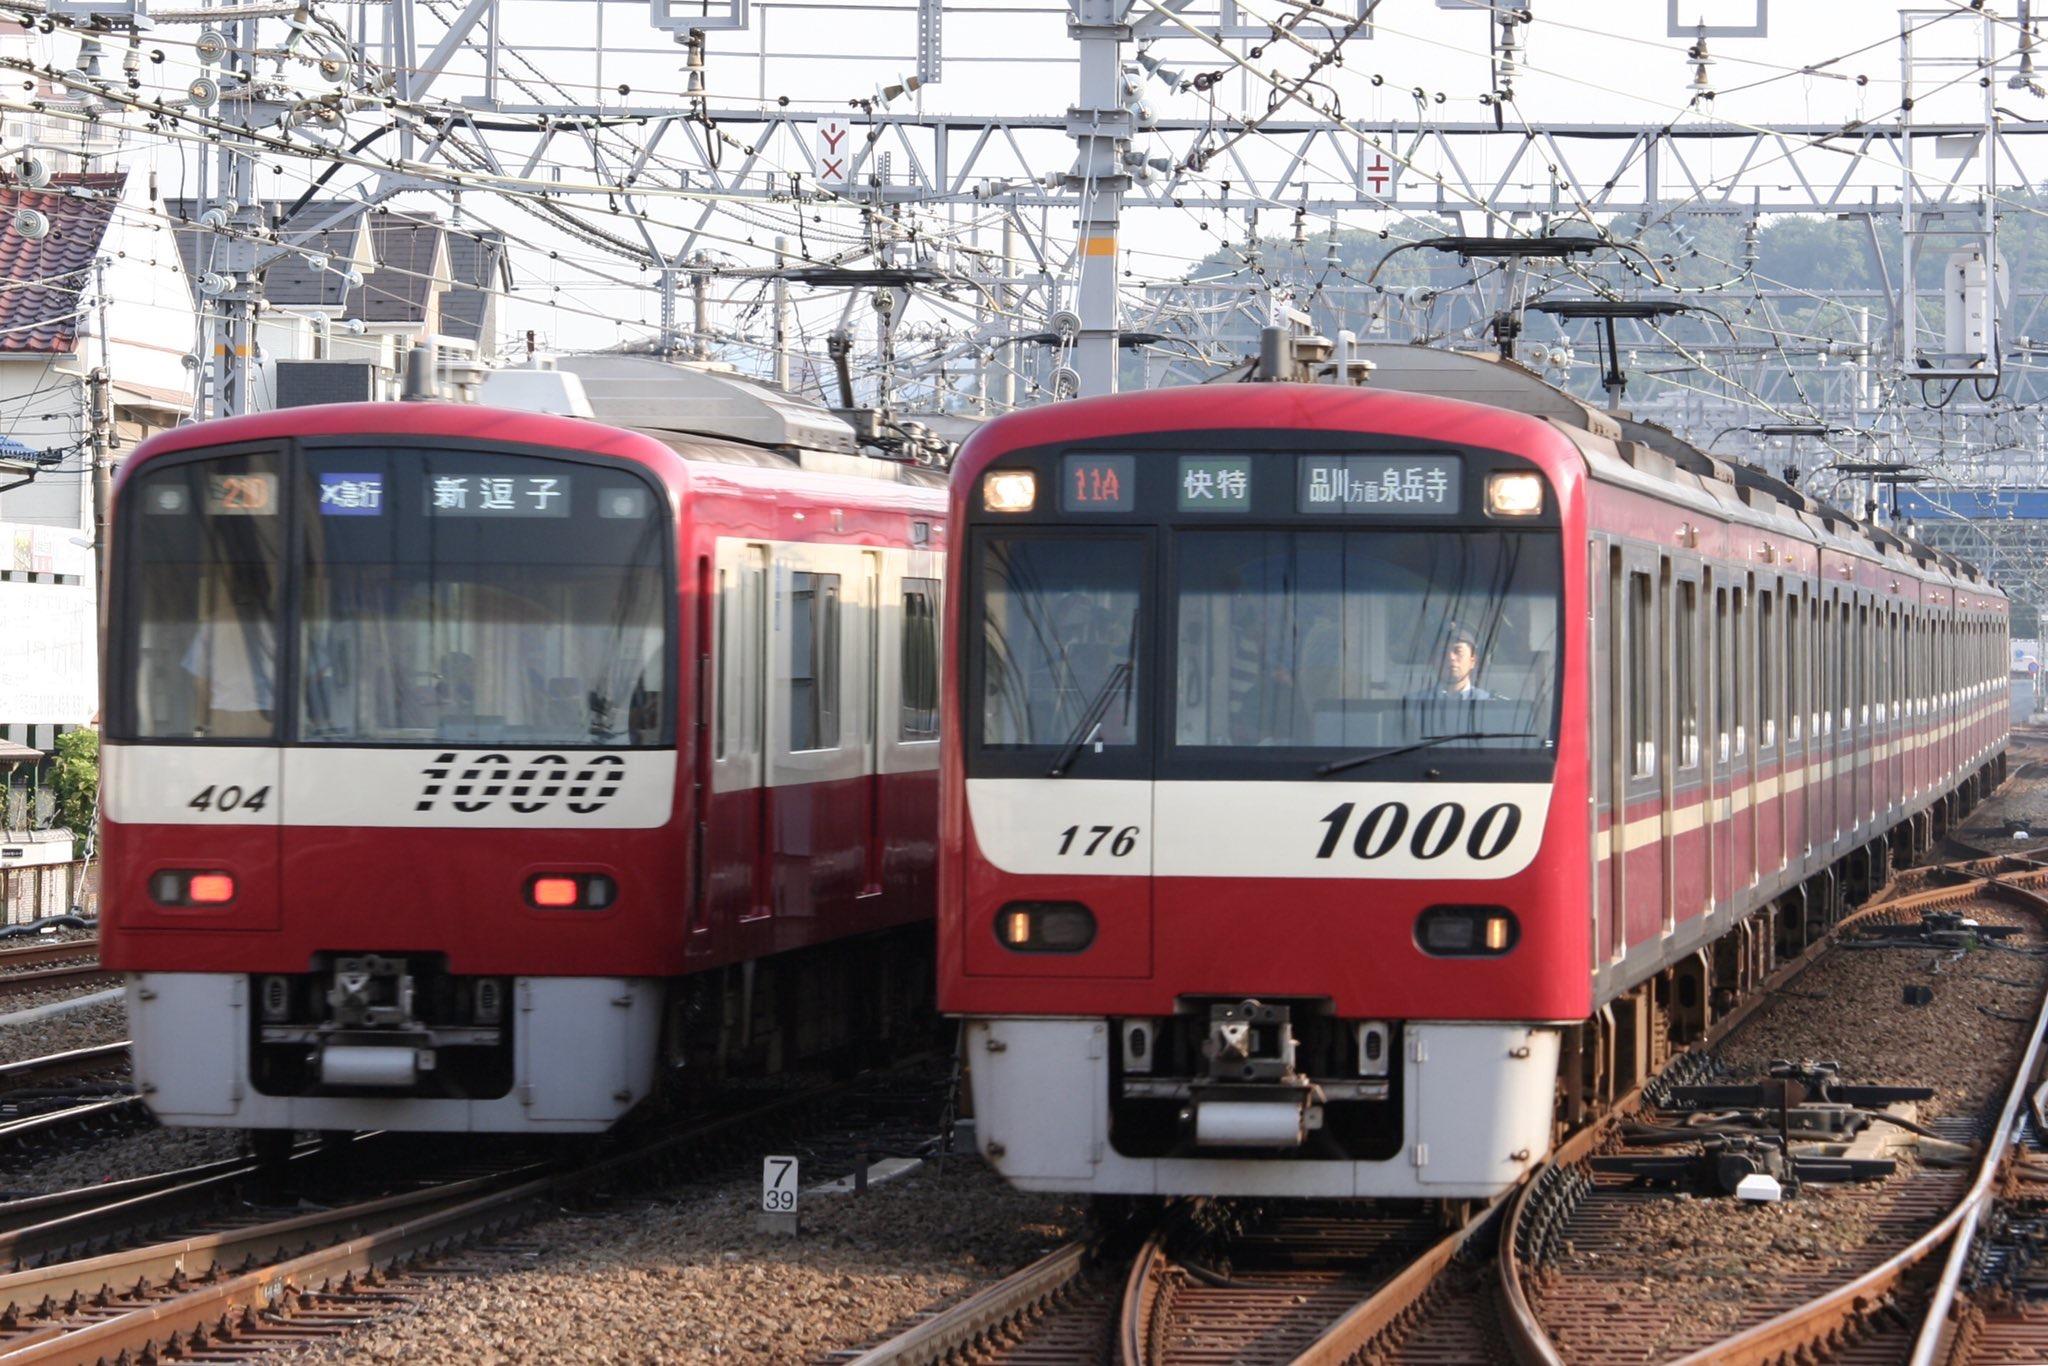 京浜 急行 運行 状況